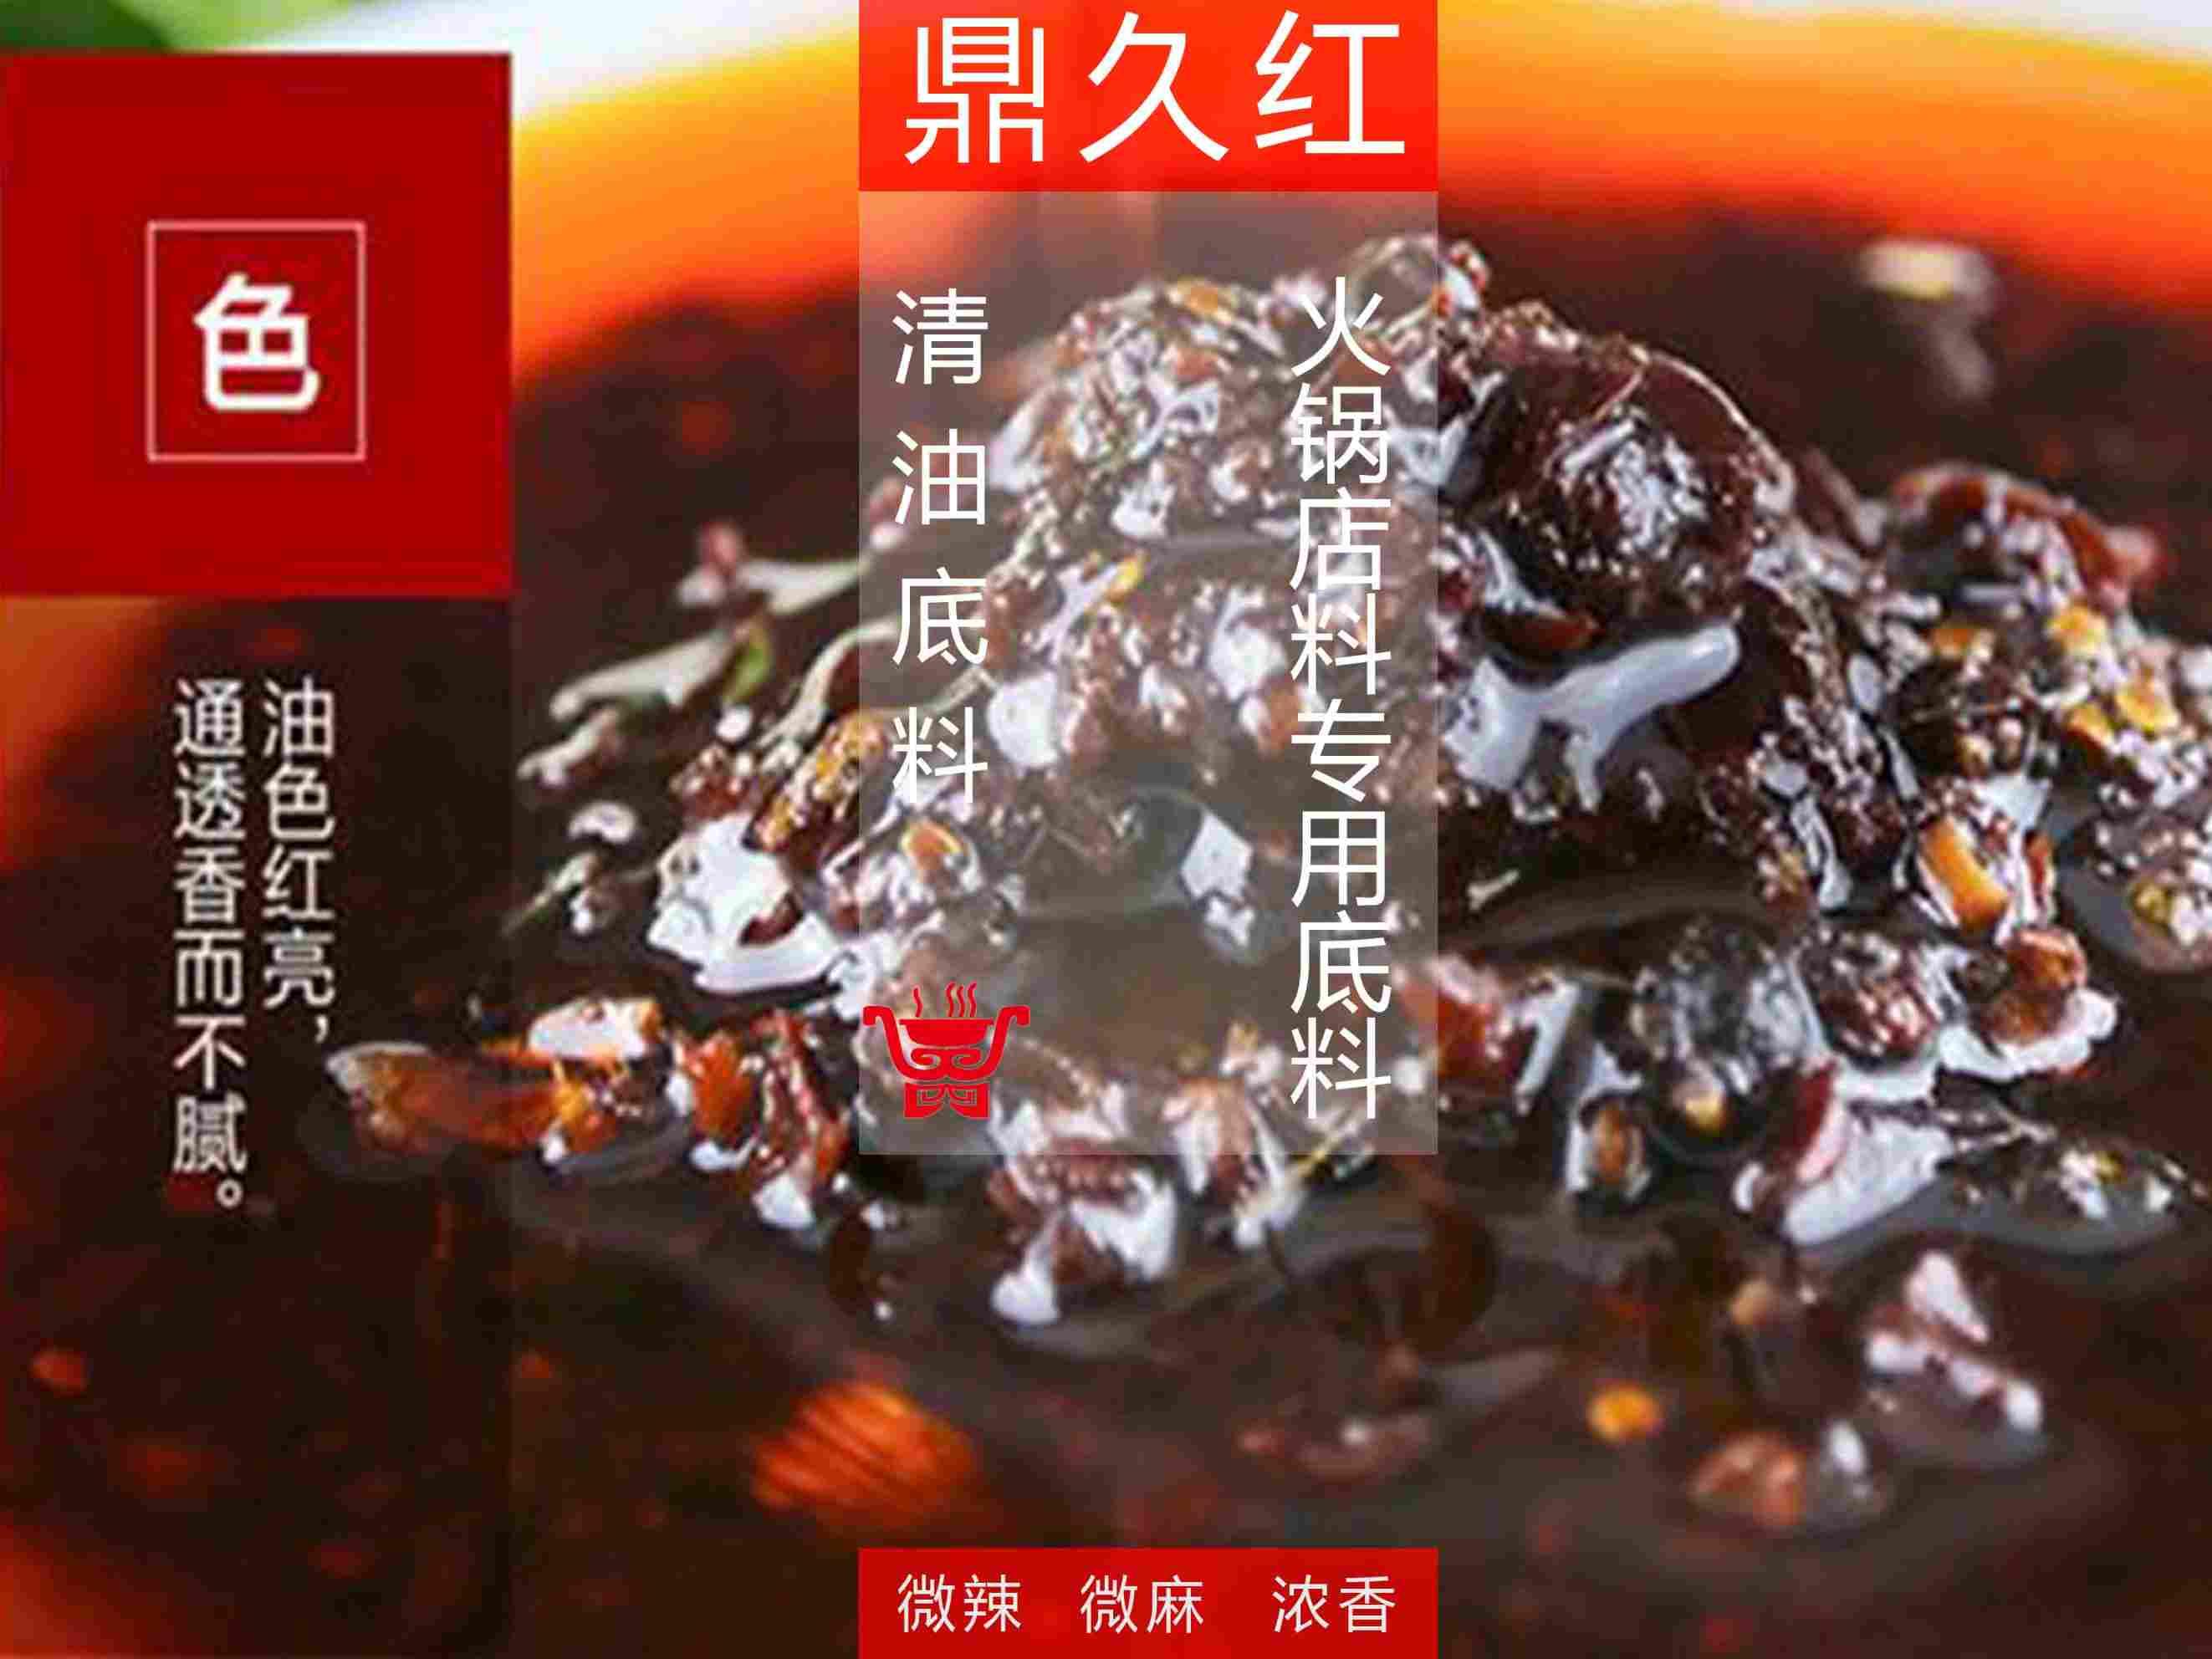 【微辣型】清油火锅底料